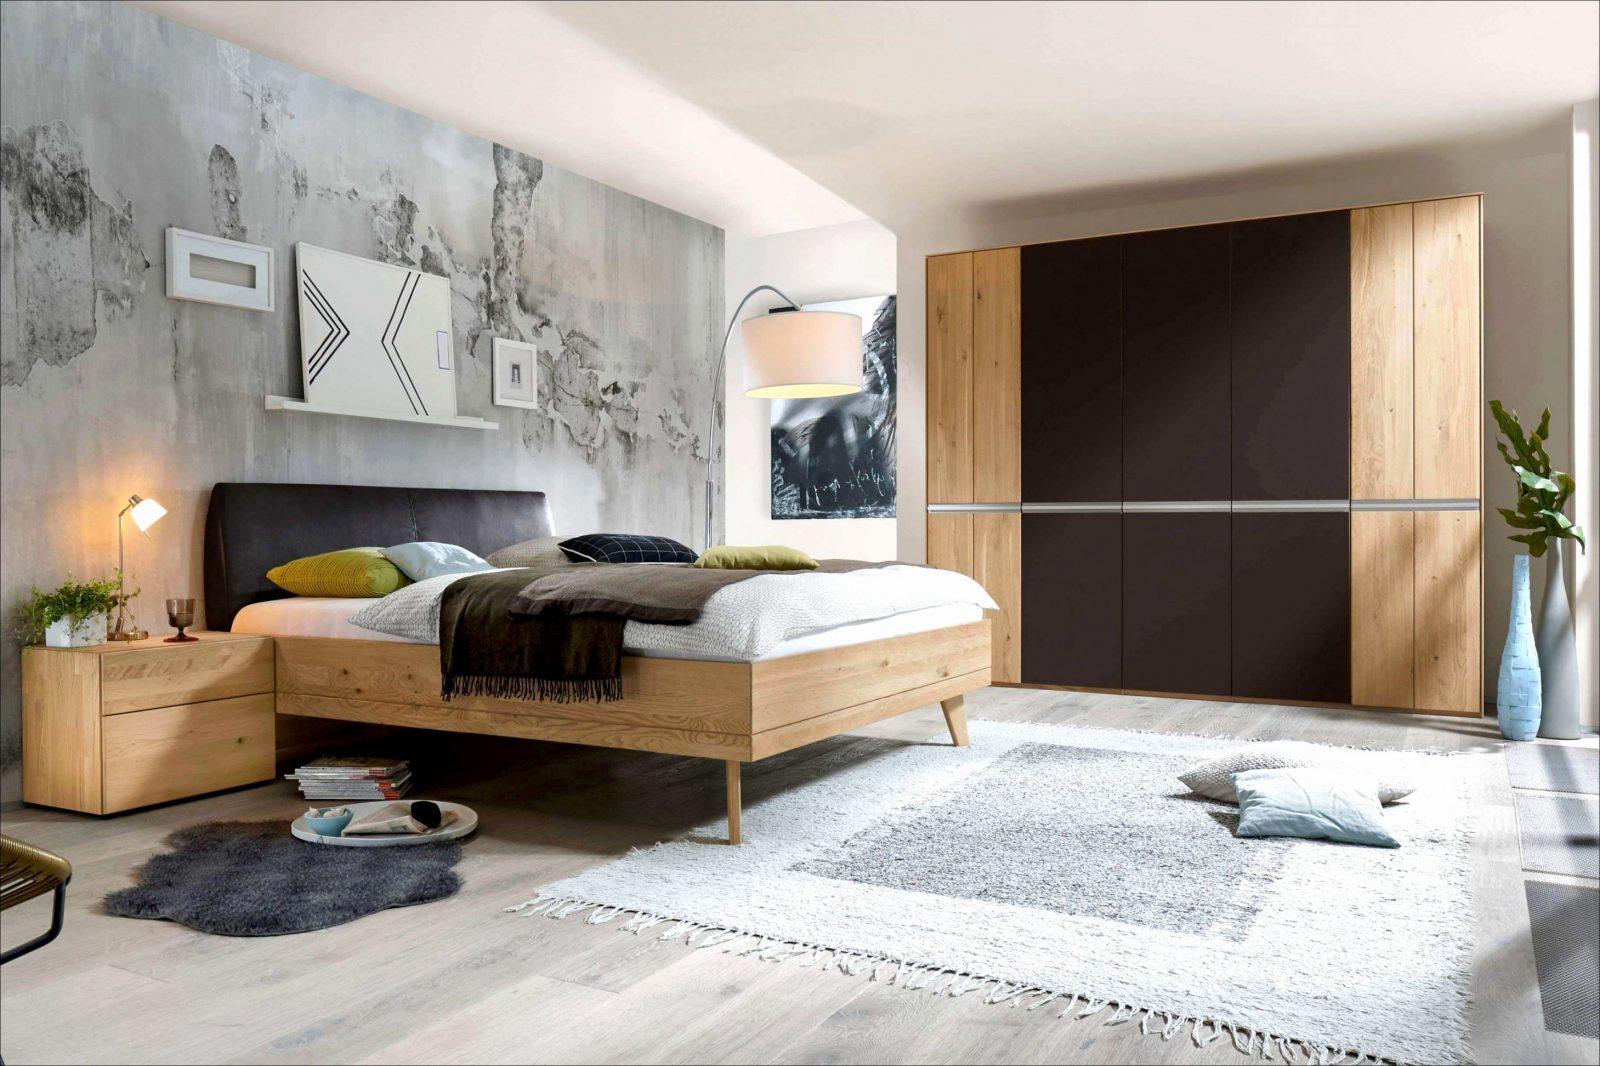 Ideen Für Schlafzimmer Einrichten von Schlafzimmer Einrichten Ideen Photo